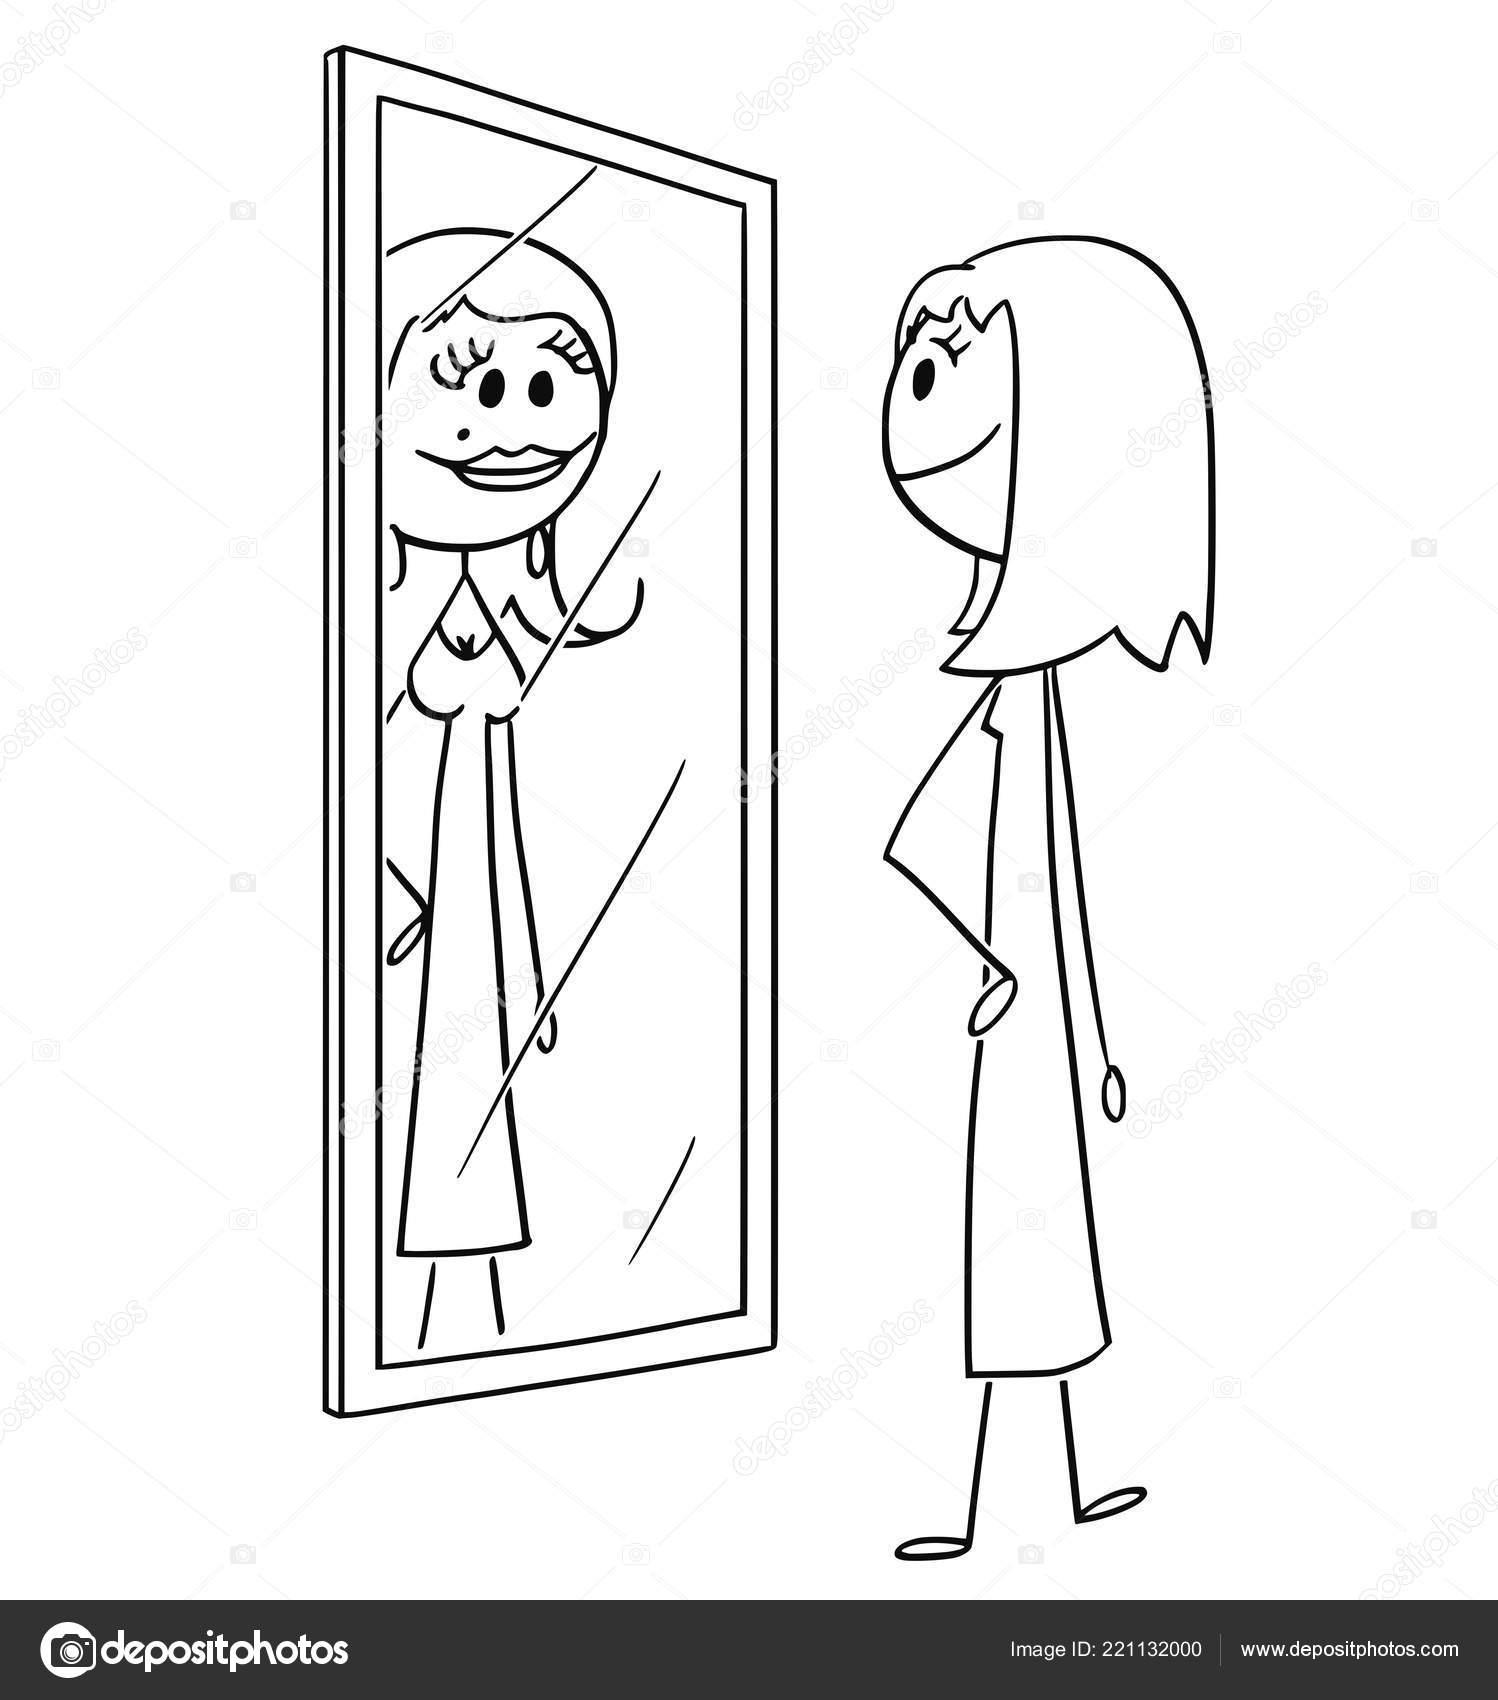 vidět sebe nebo chodit jak říct, jestli vás má víc než připojení